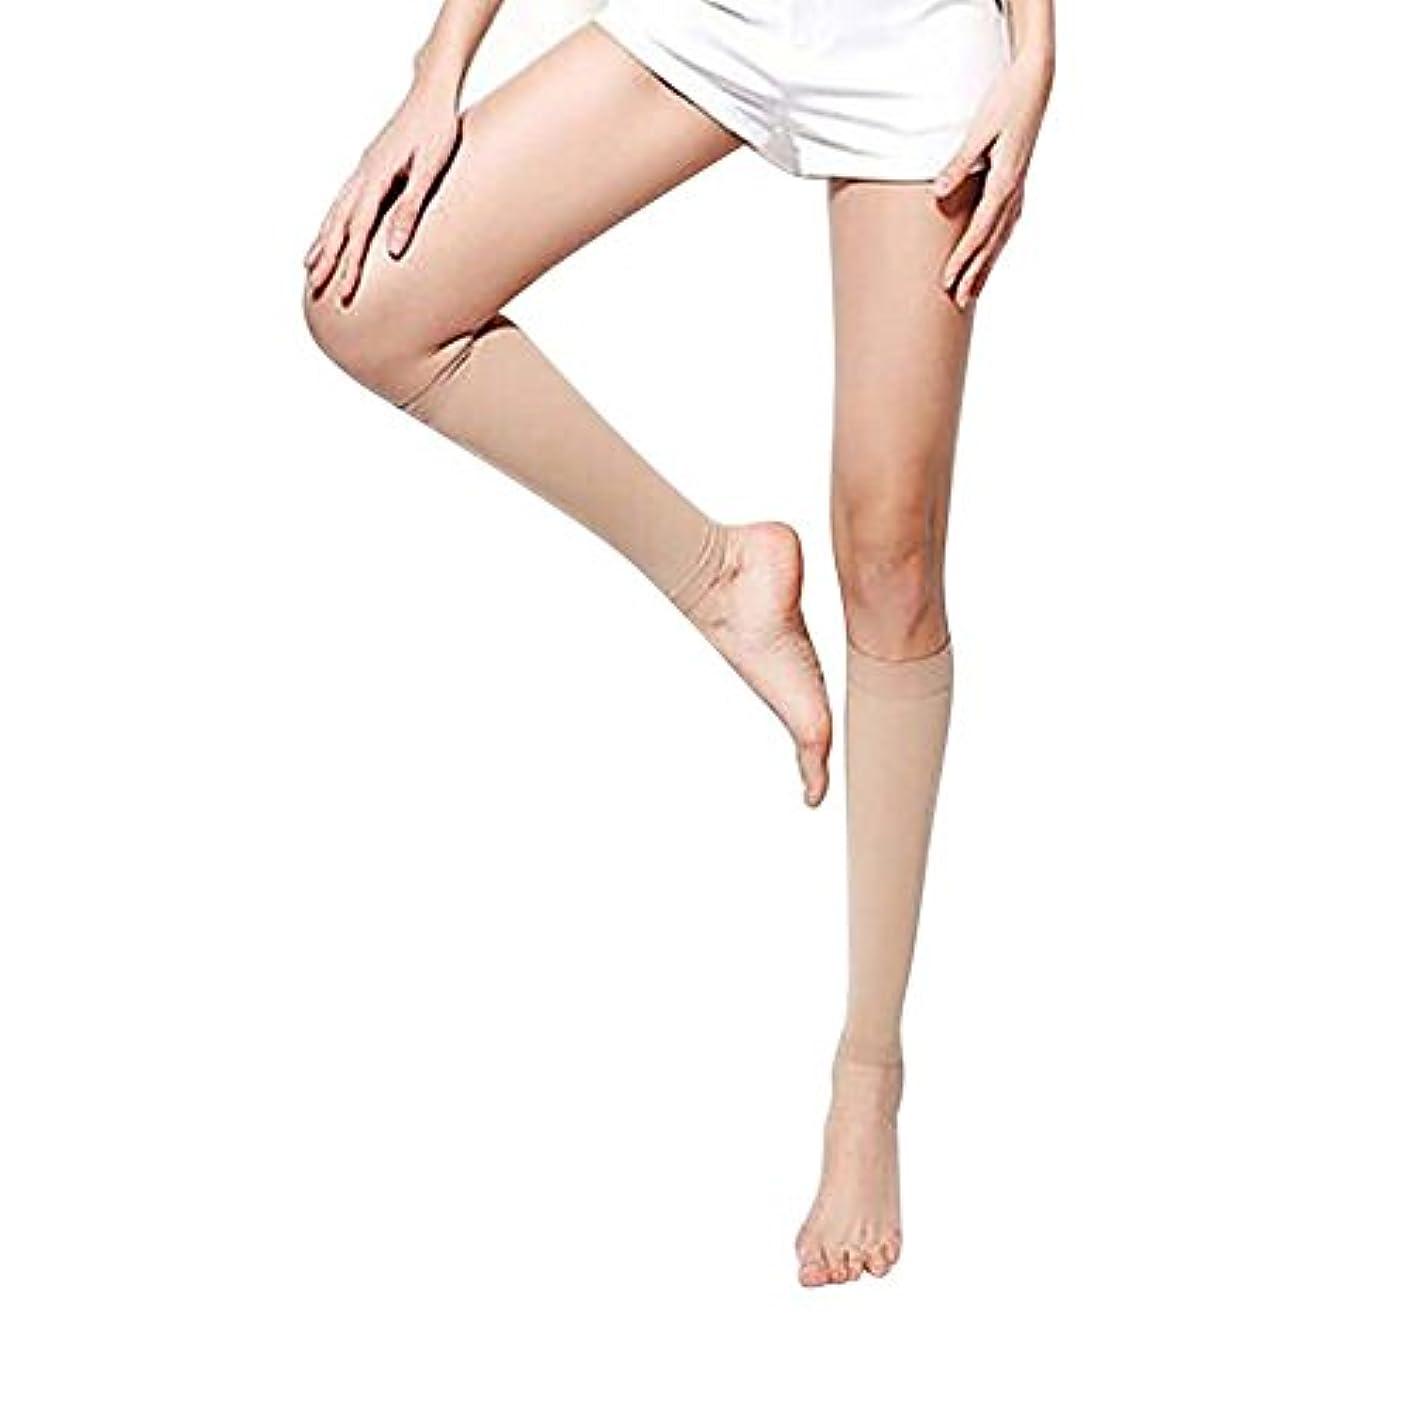 ロンドン鉱夫スロベニアkasit 美脚ふくらはぎソックス 着圧ソックス 脂肪燃焼で脛ほっそり ショート